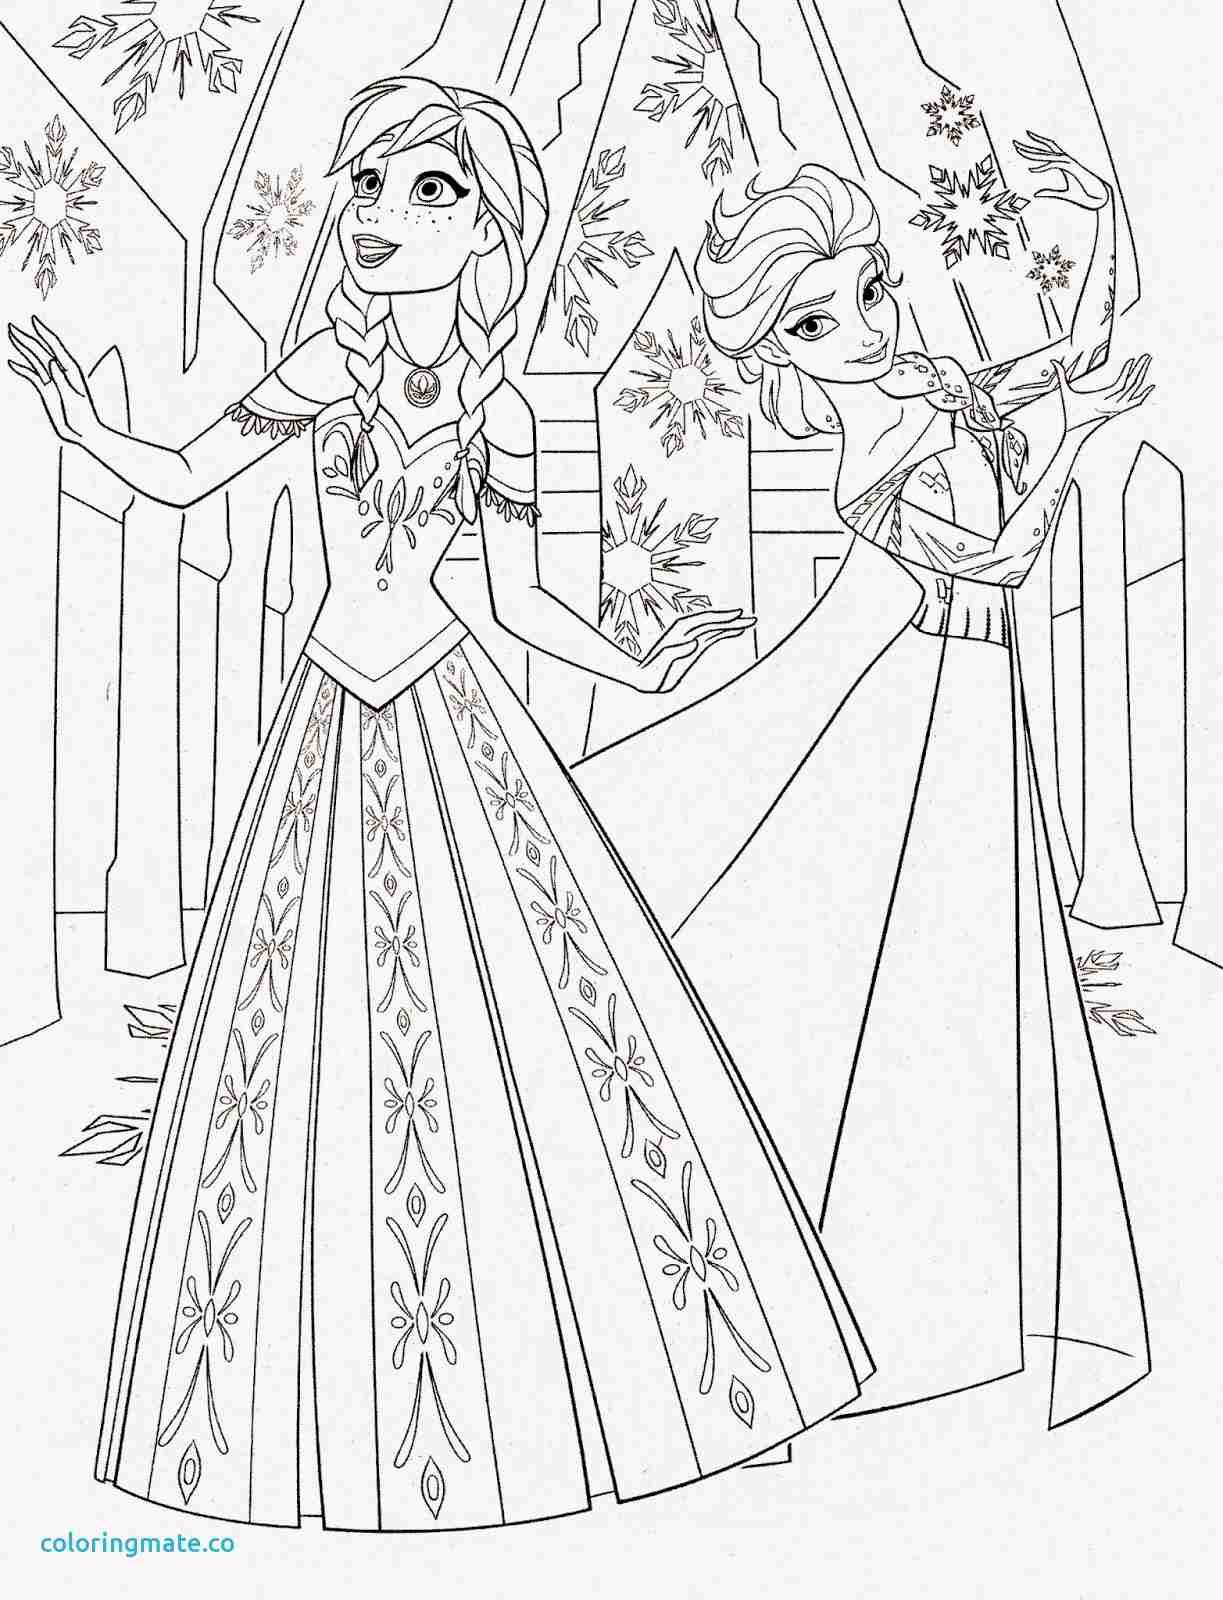 1223x1600 Anna Frozen Coloring Pages Best Of Disney Princess Elsa